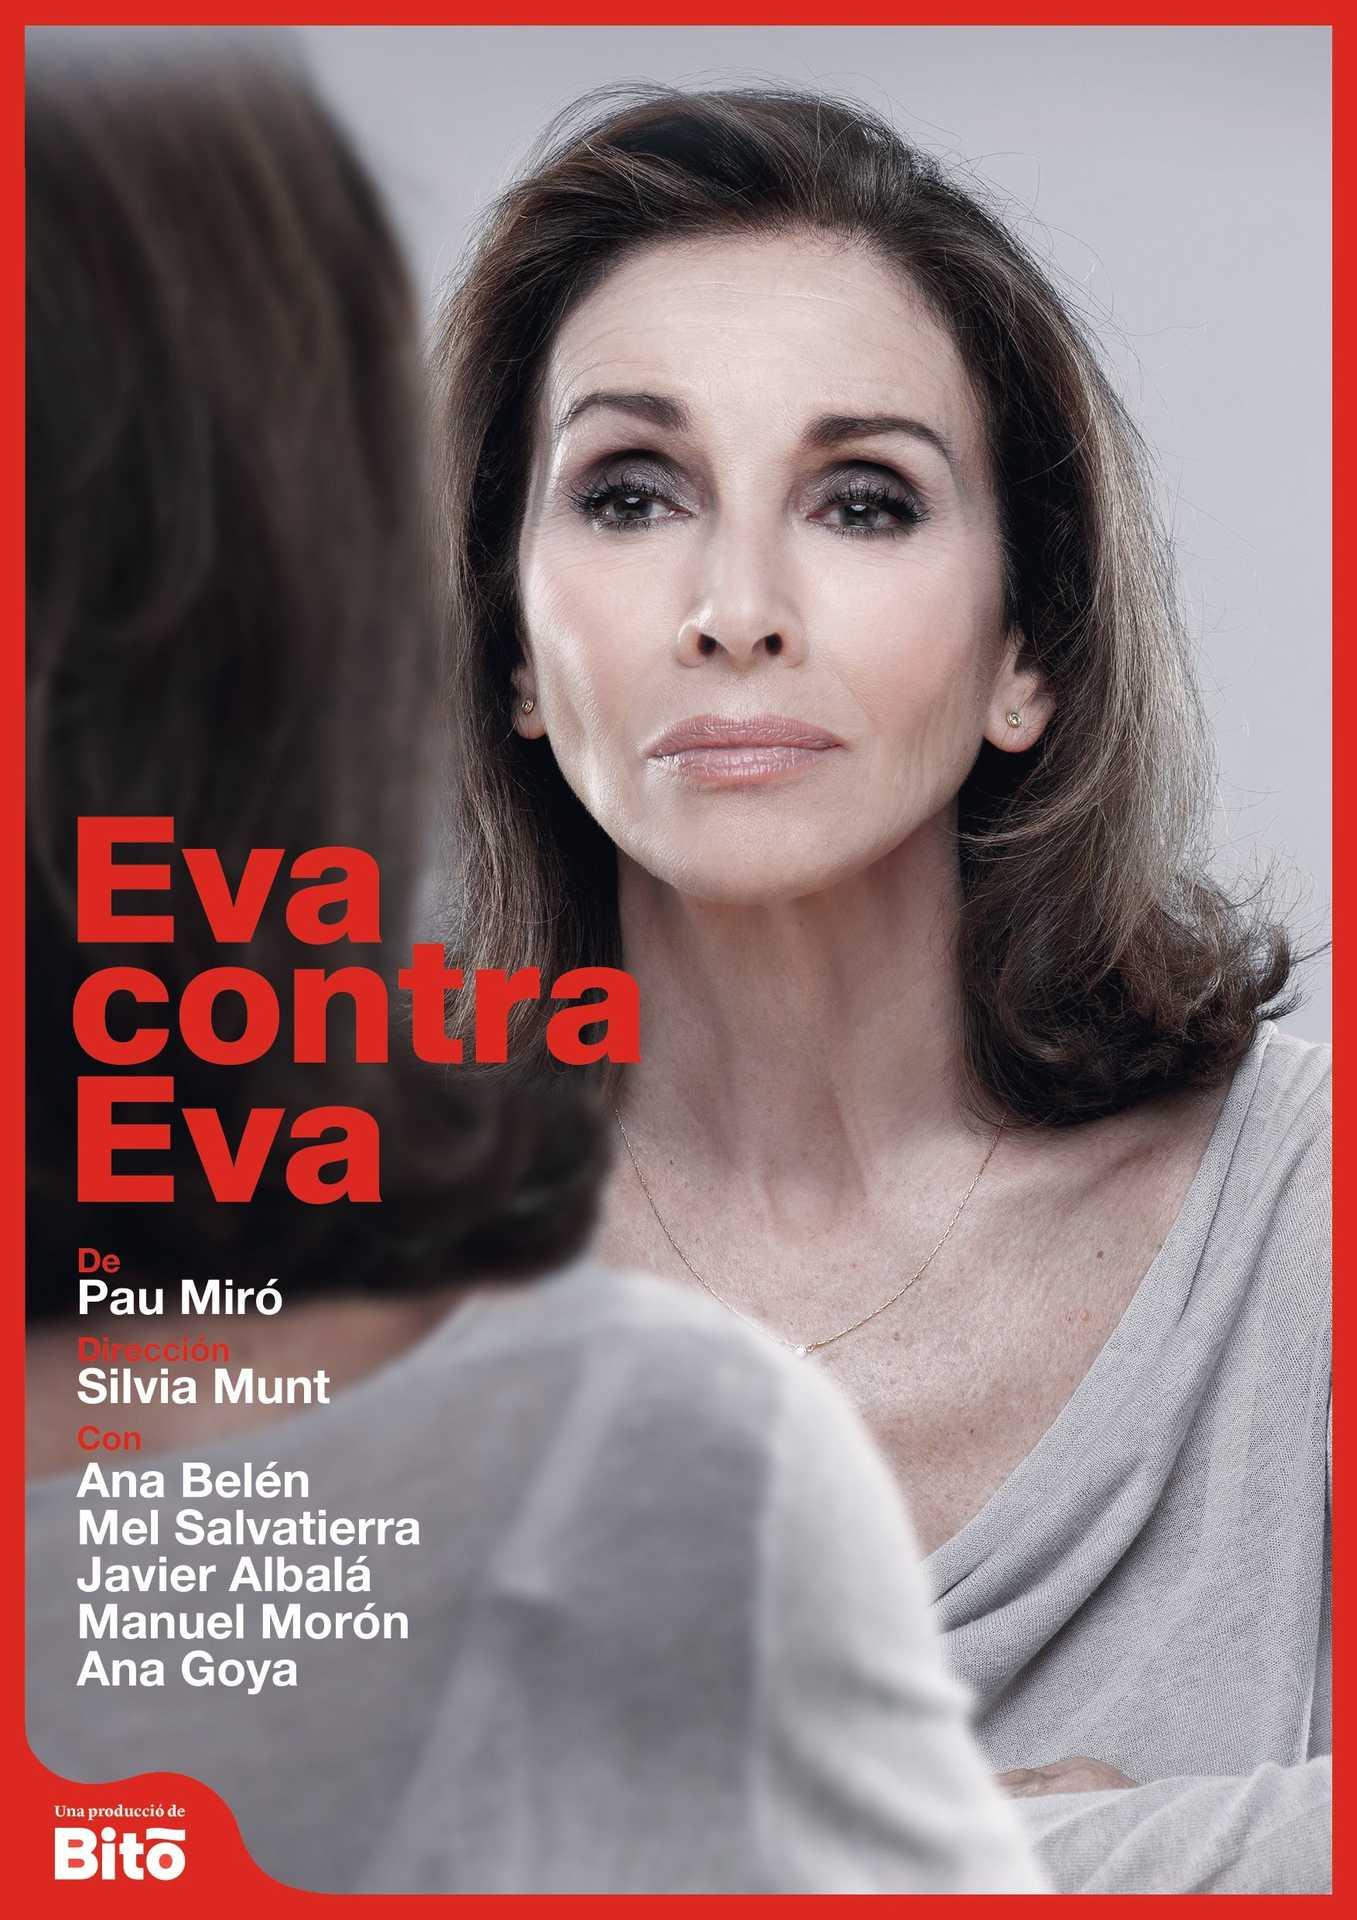 Eva contra Eva en el Teatro Soho